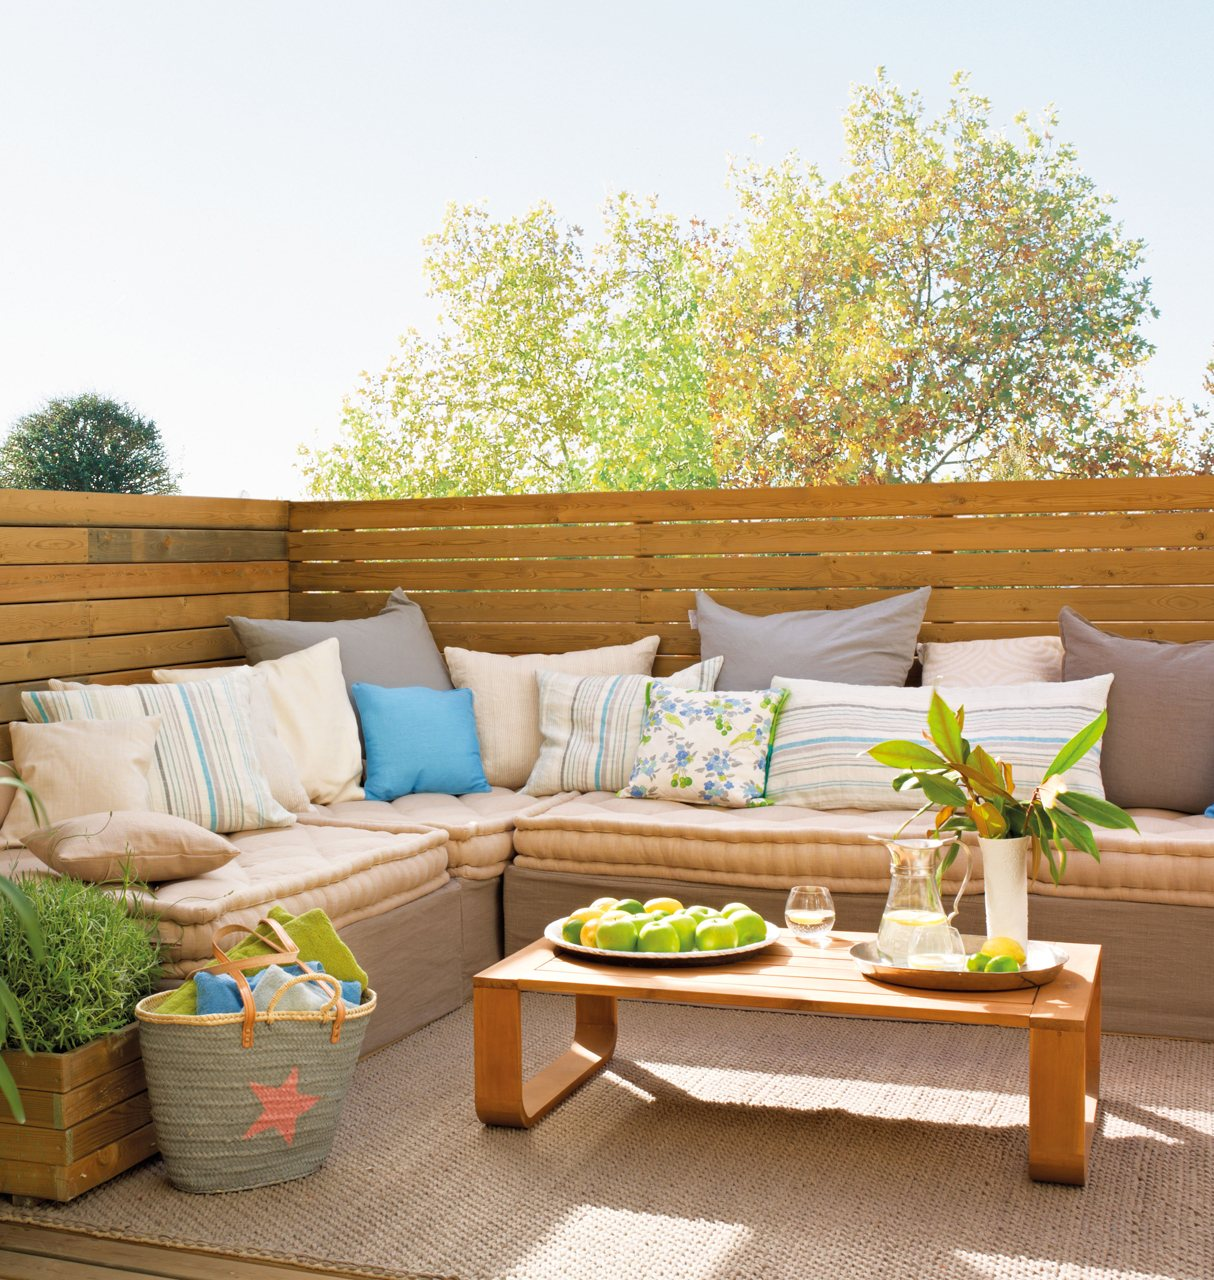 15 formas de aprovechar exteriores peque os for Colchoneta sofa exterior